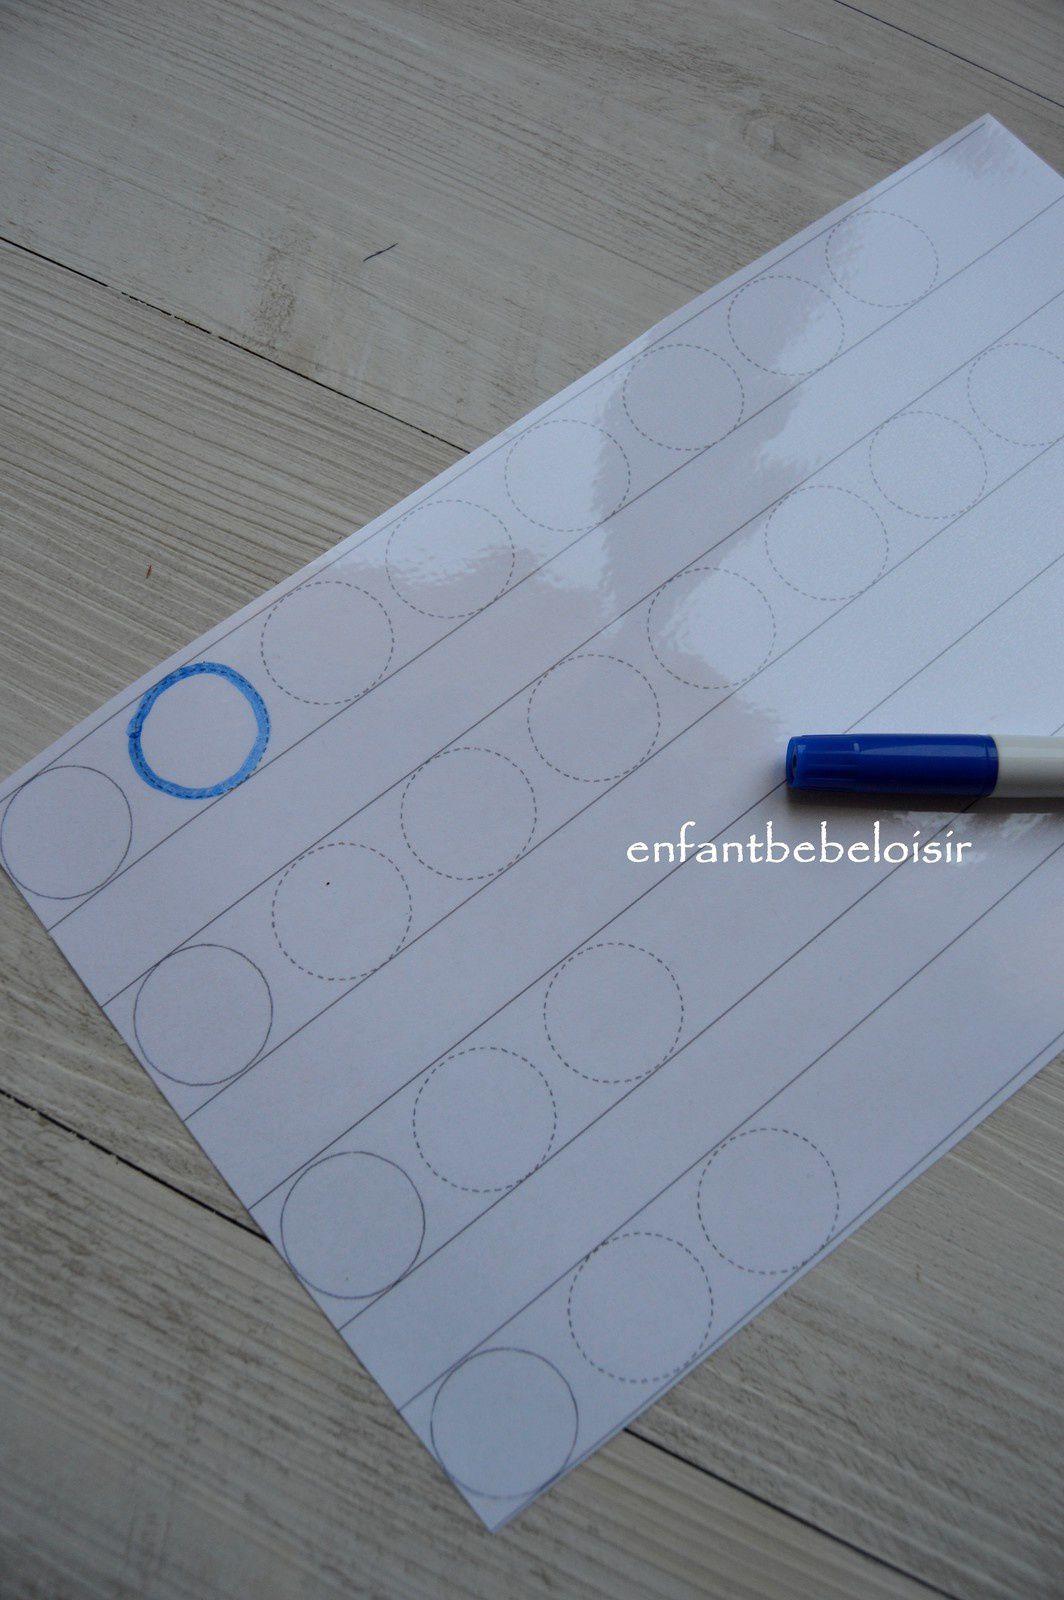 Tracer des ronds - cercles - exercice à plastifier